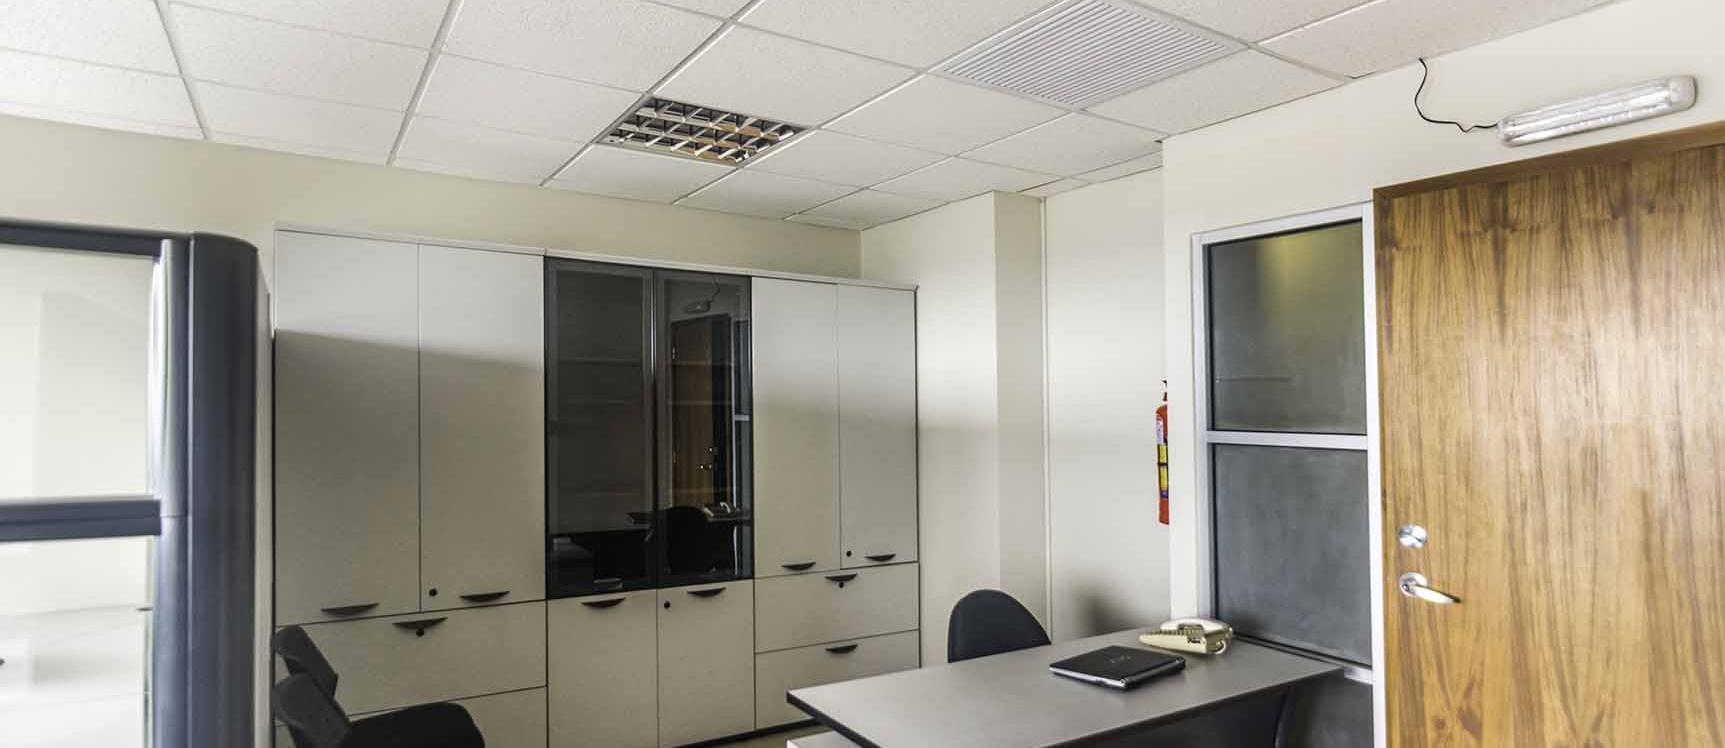 GeoBienes - Oficina en Alquiler en Trade Building, Norte de Guayaquil - Plusvalia Guayaquil Casas de venta y alquiler Inmobiliaria Ecuador